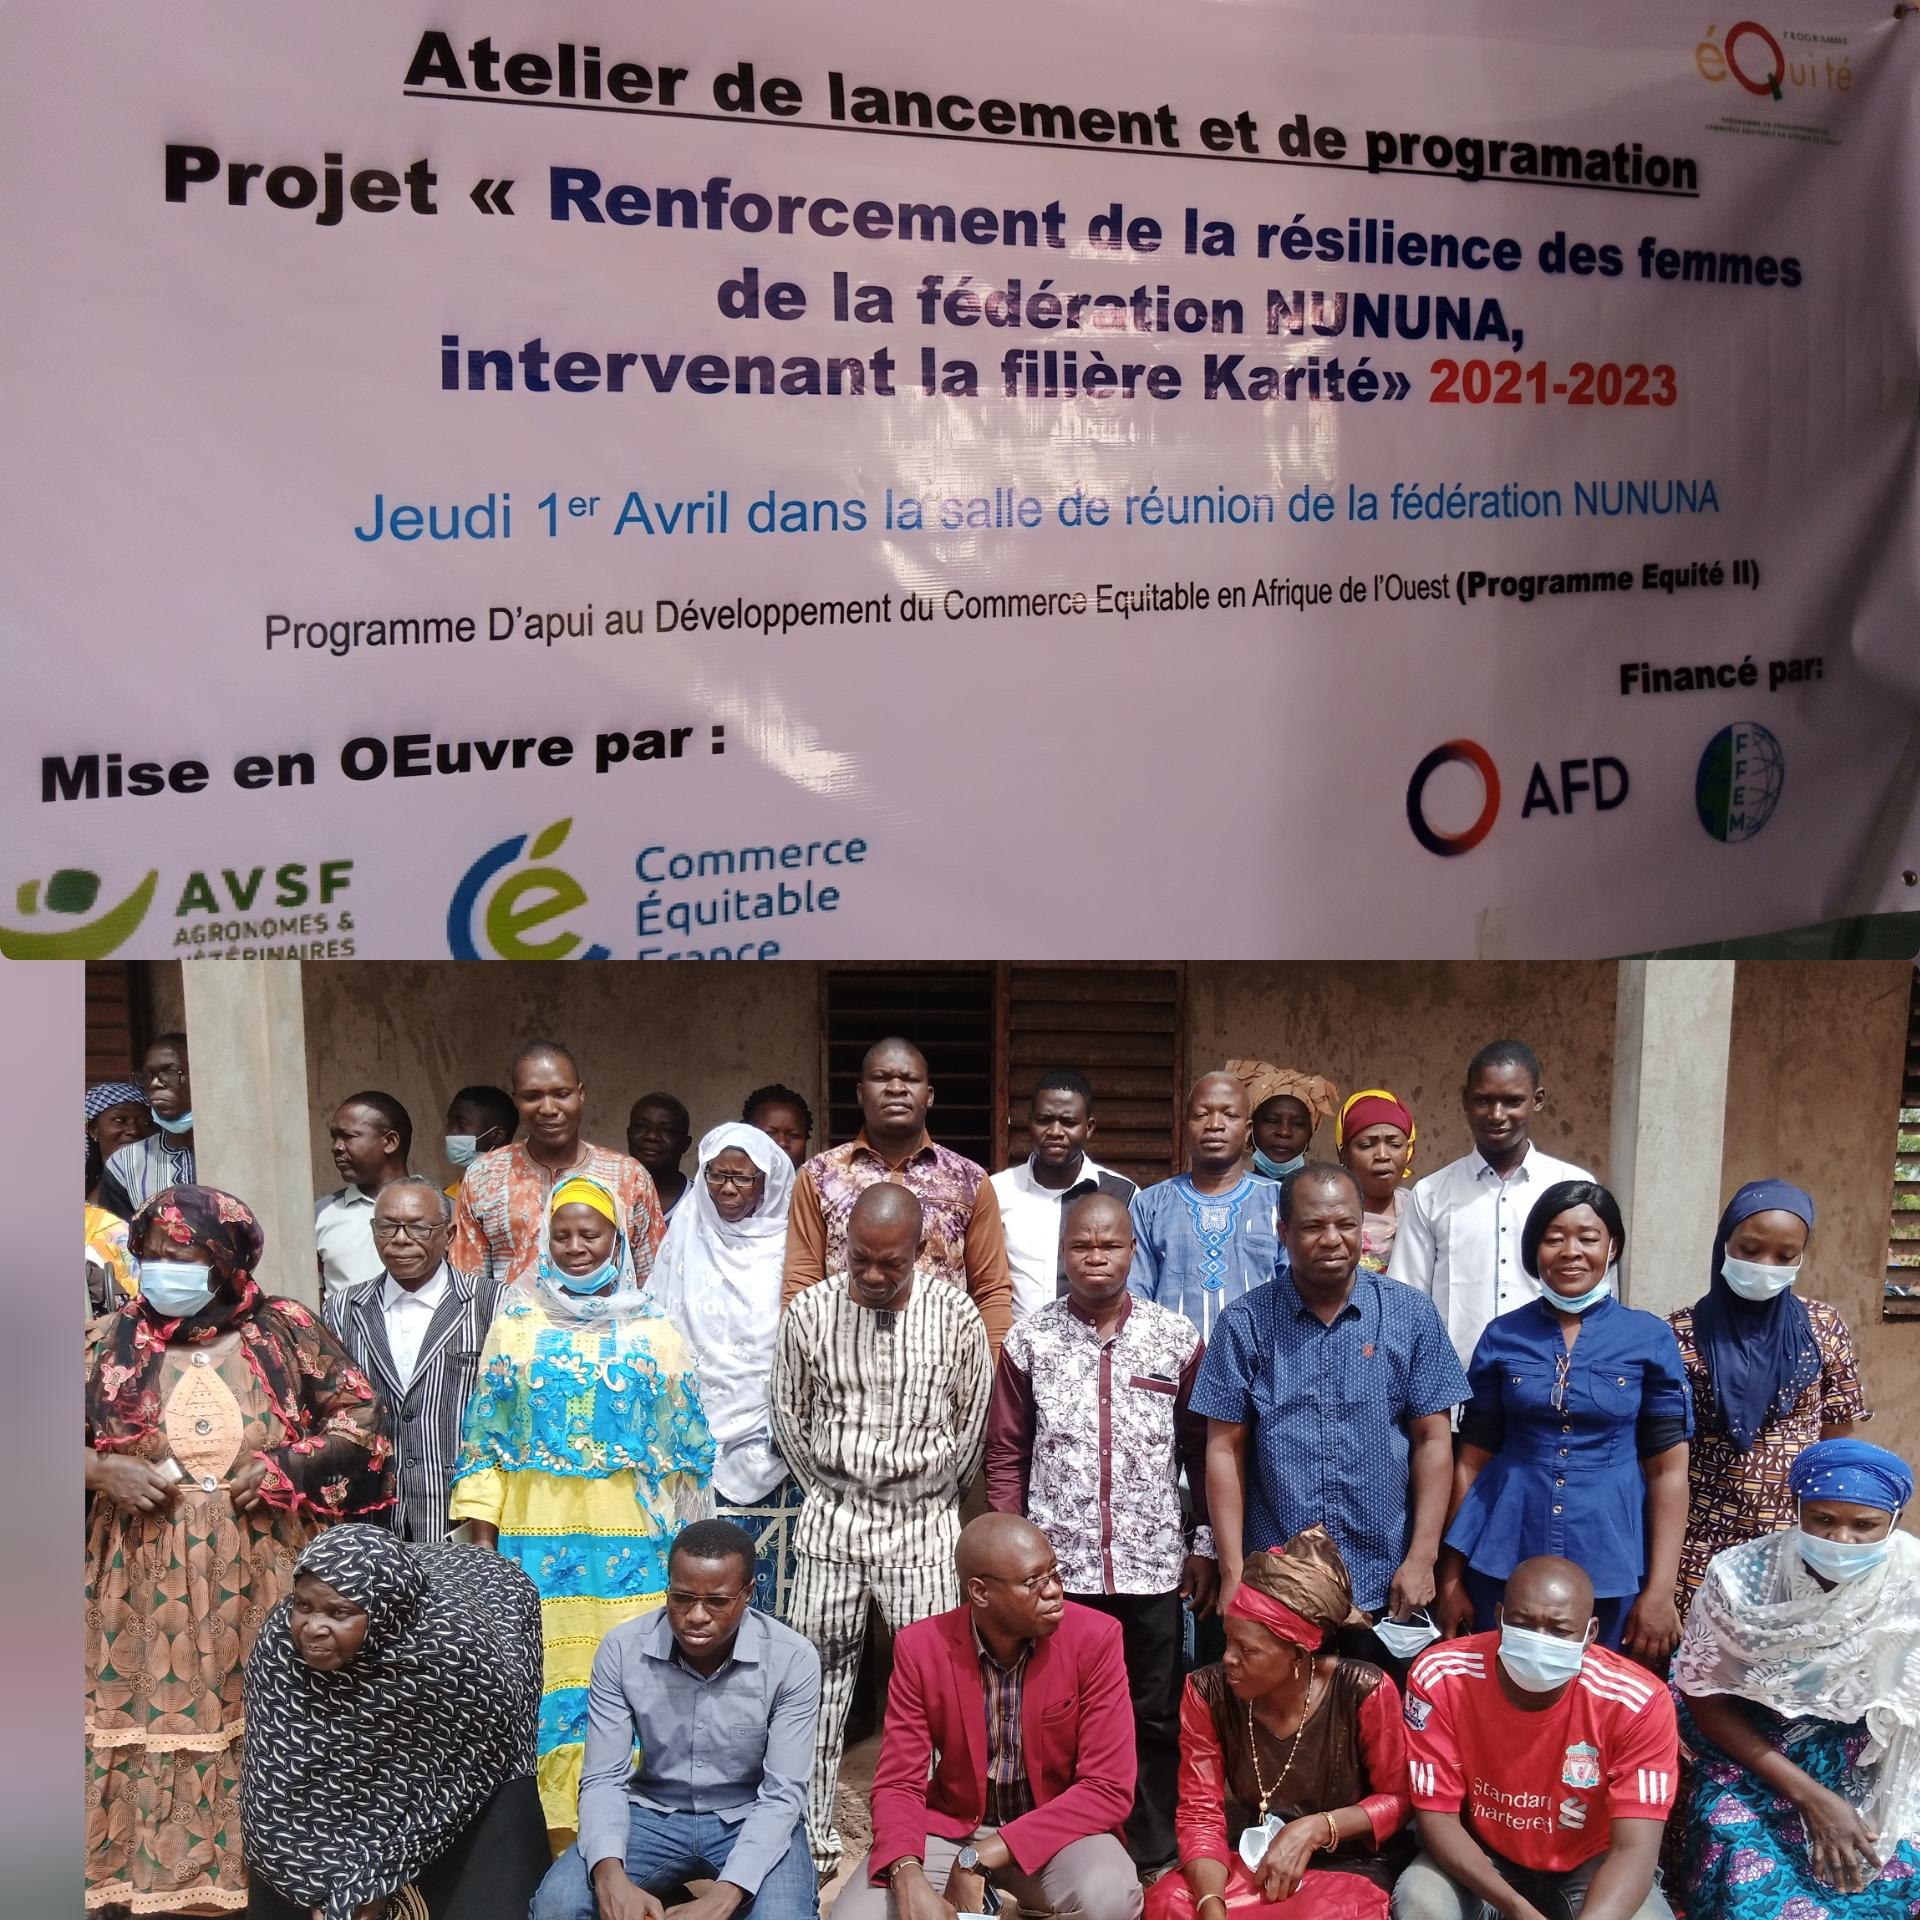 Filière Karité : Un autre projet pour soutenir le combat des femmes de Nununa